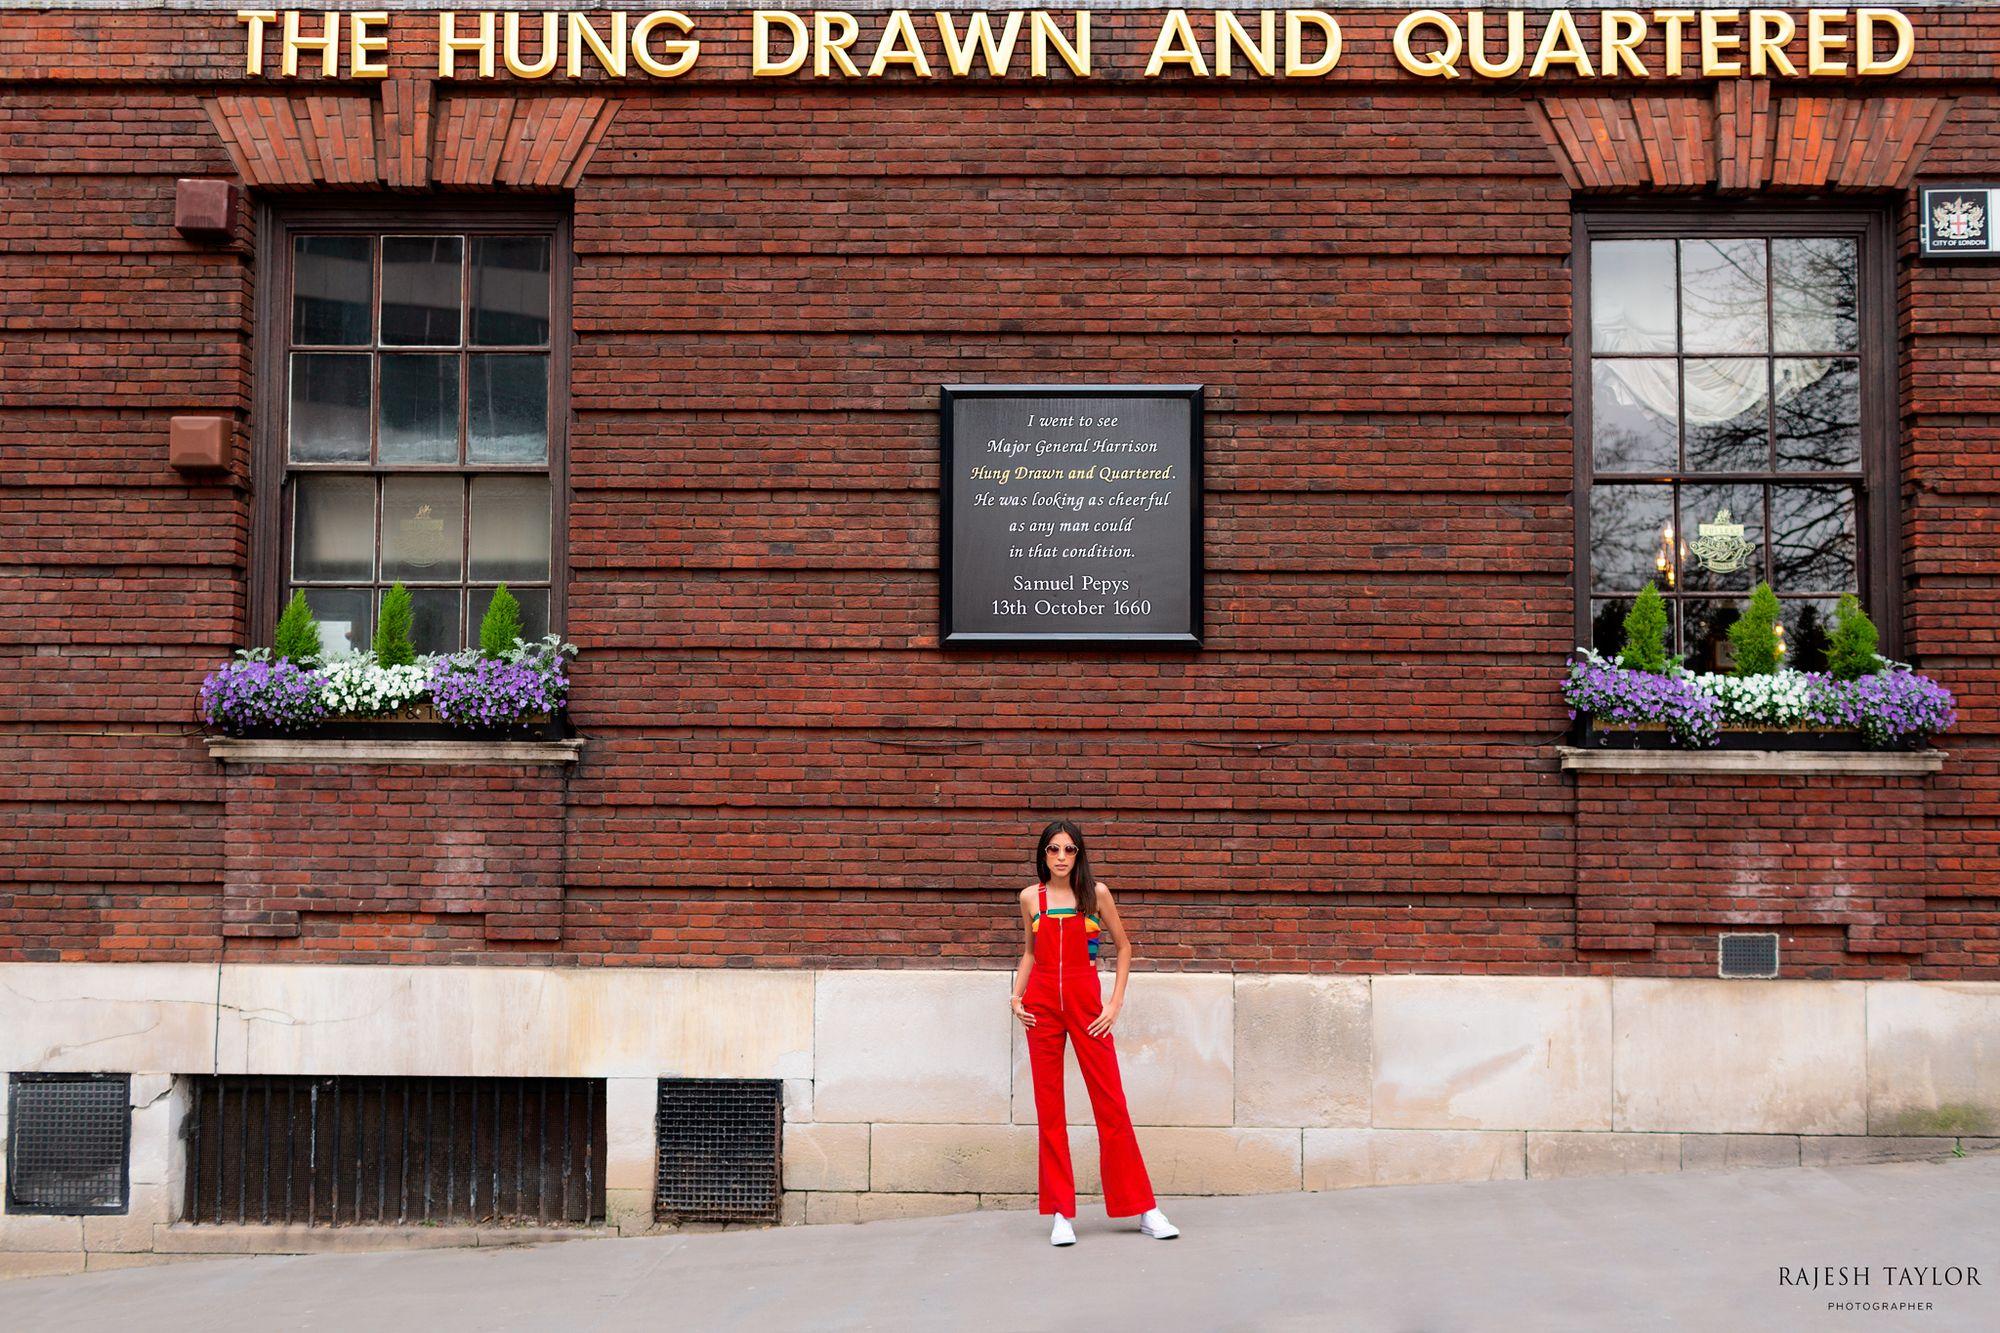 Hung Drawn & Quartered Pub, Great Tower Street © Rajesh Taylor